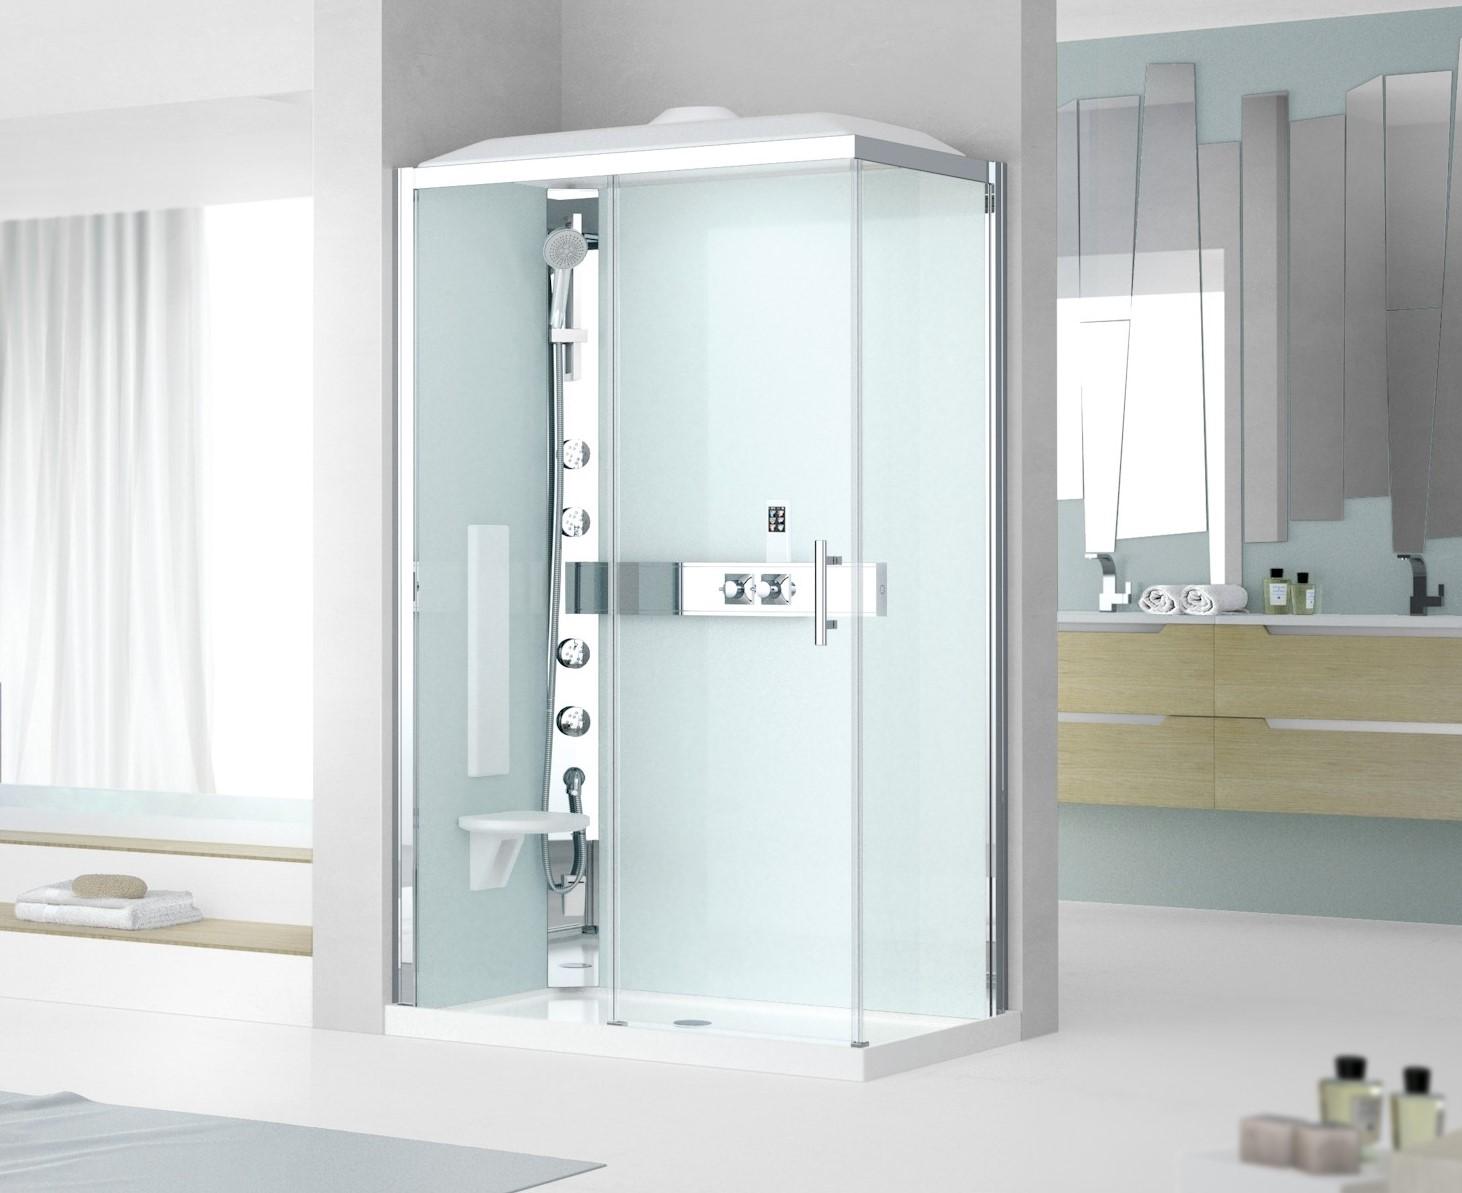 Cabina doccia multifunzione glax 3 hammam for Doccia multifunzione